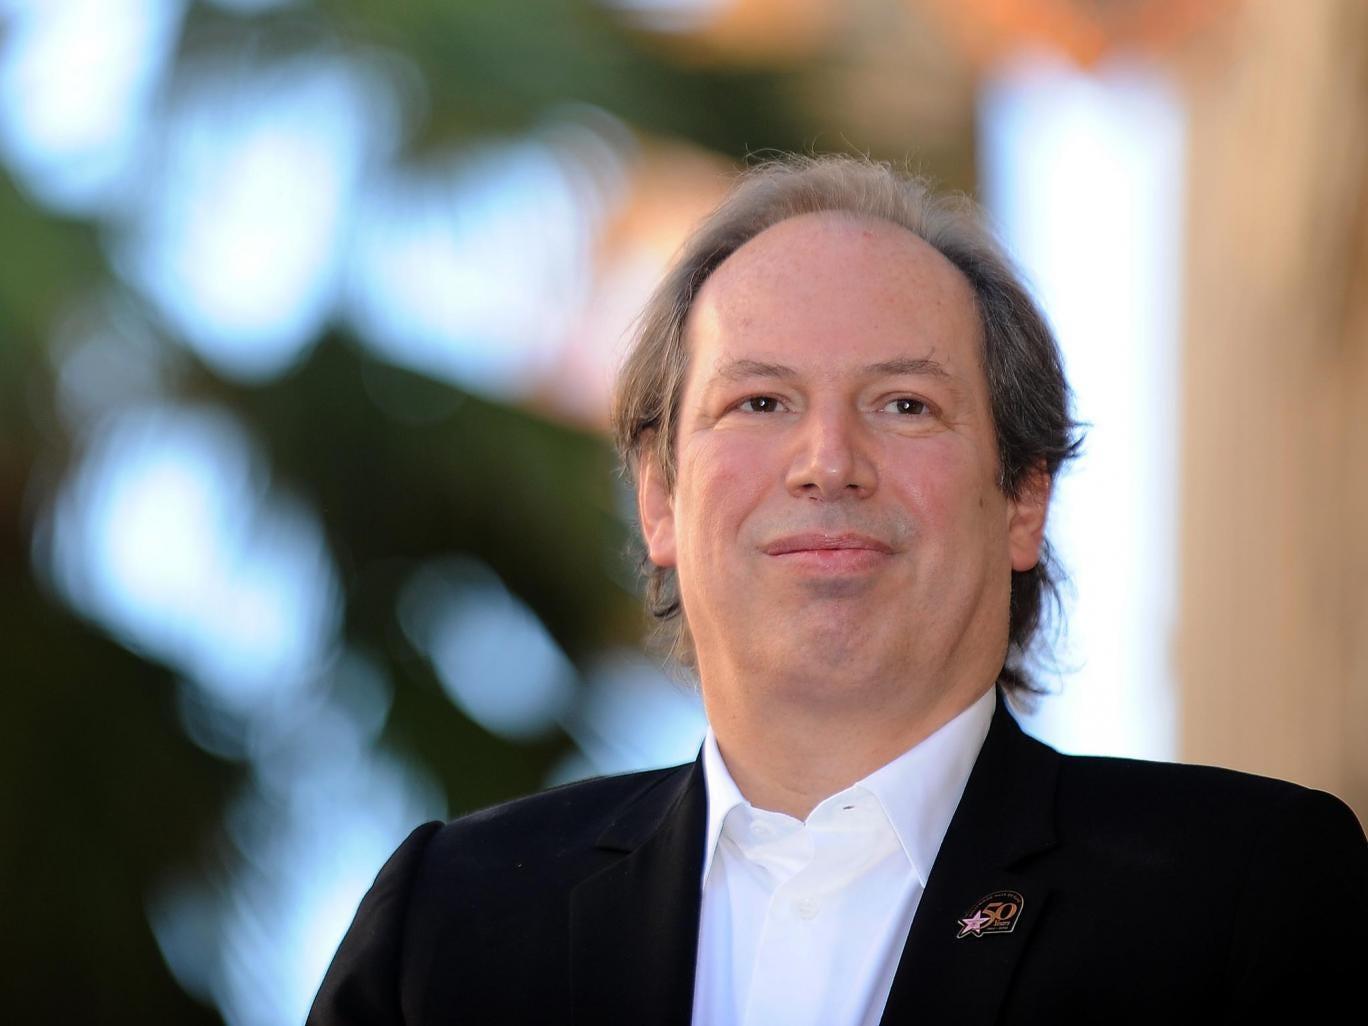 Legendary composer Hans Zimmer